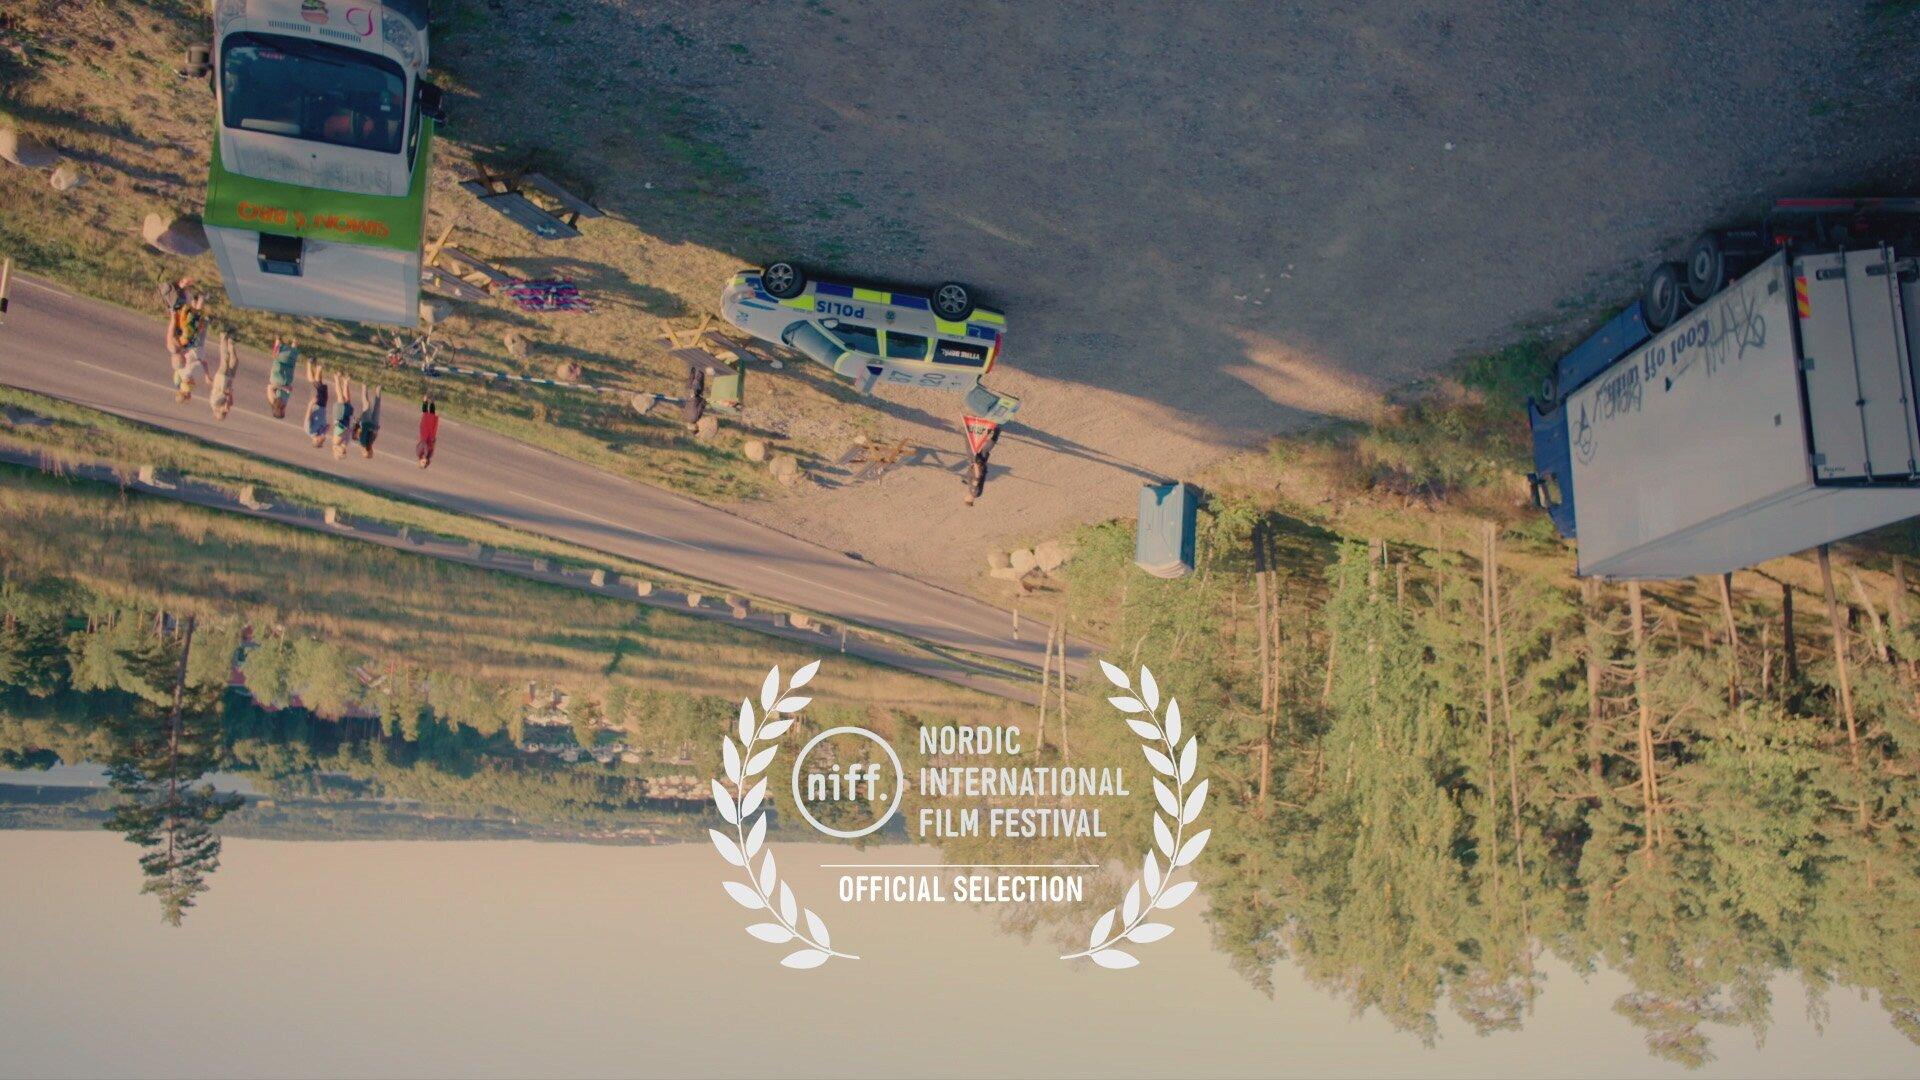 GERGELY PALOS - WINNER - BEST CINEMATOGRAPHY, DARK CHAMBER